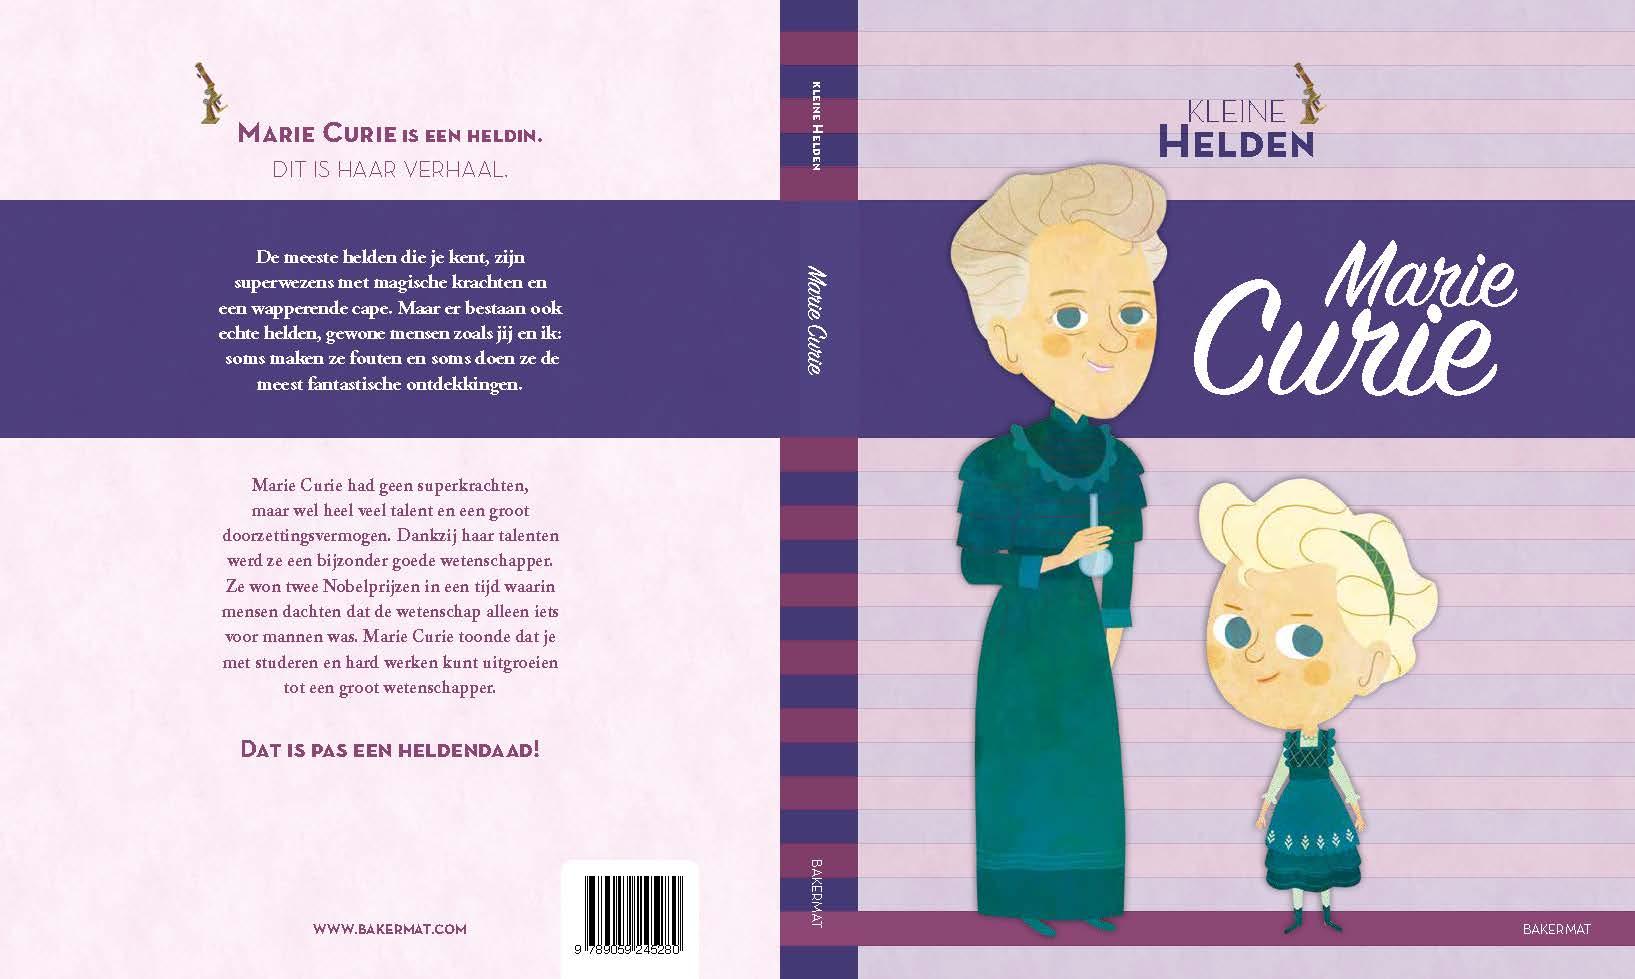 Marie Curie voor- en achterflap